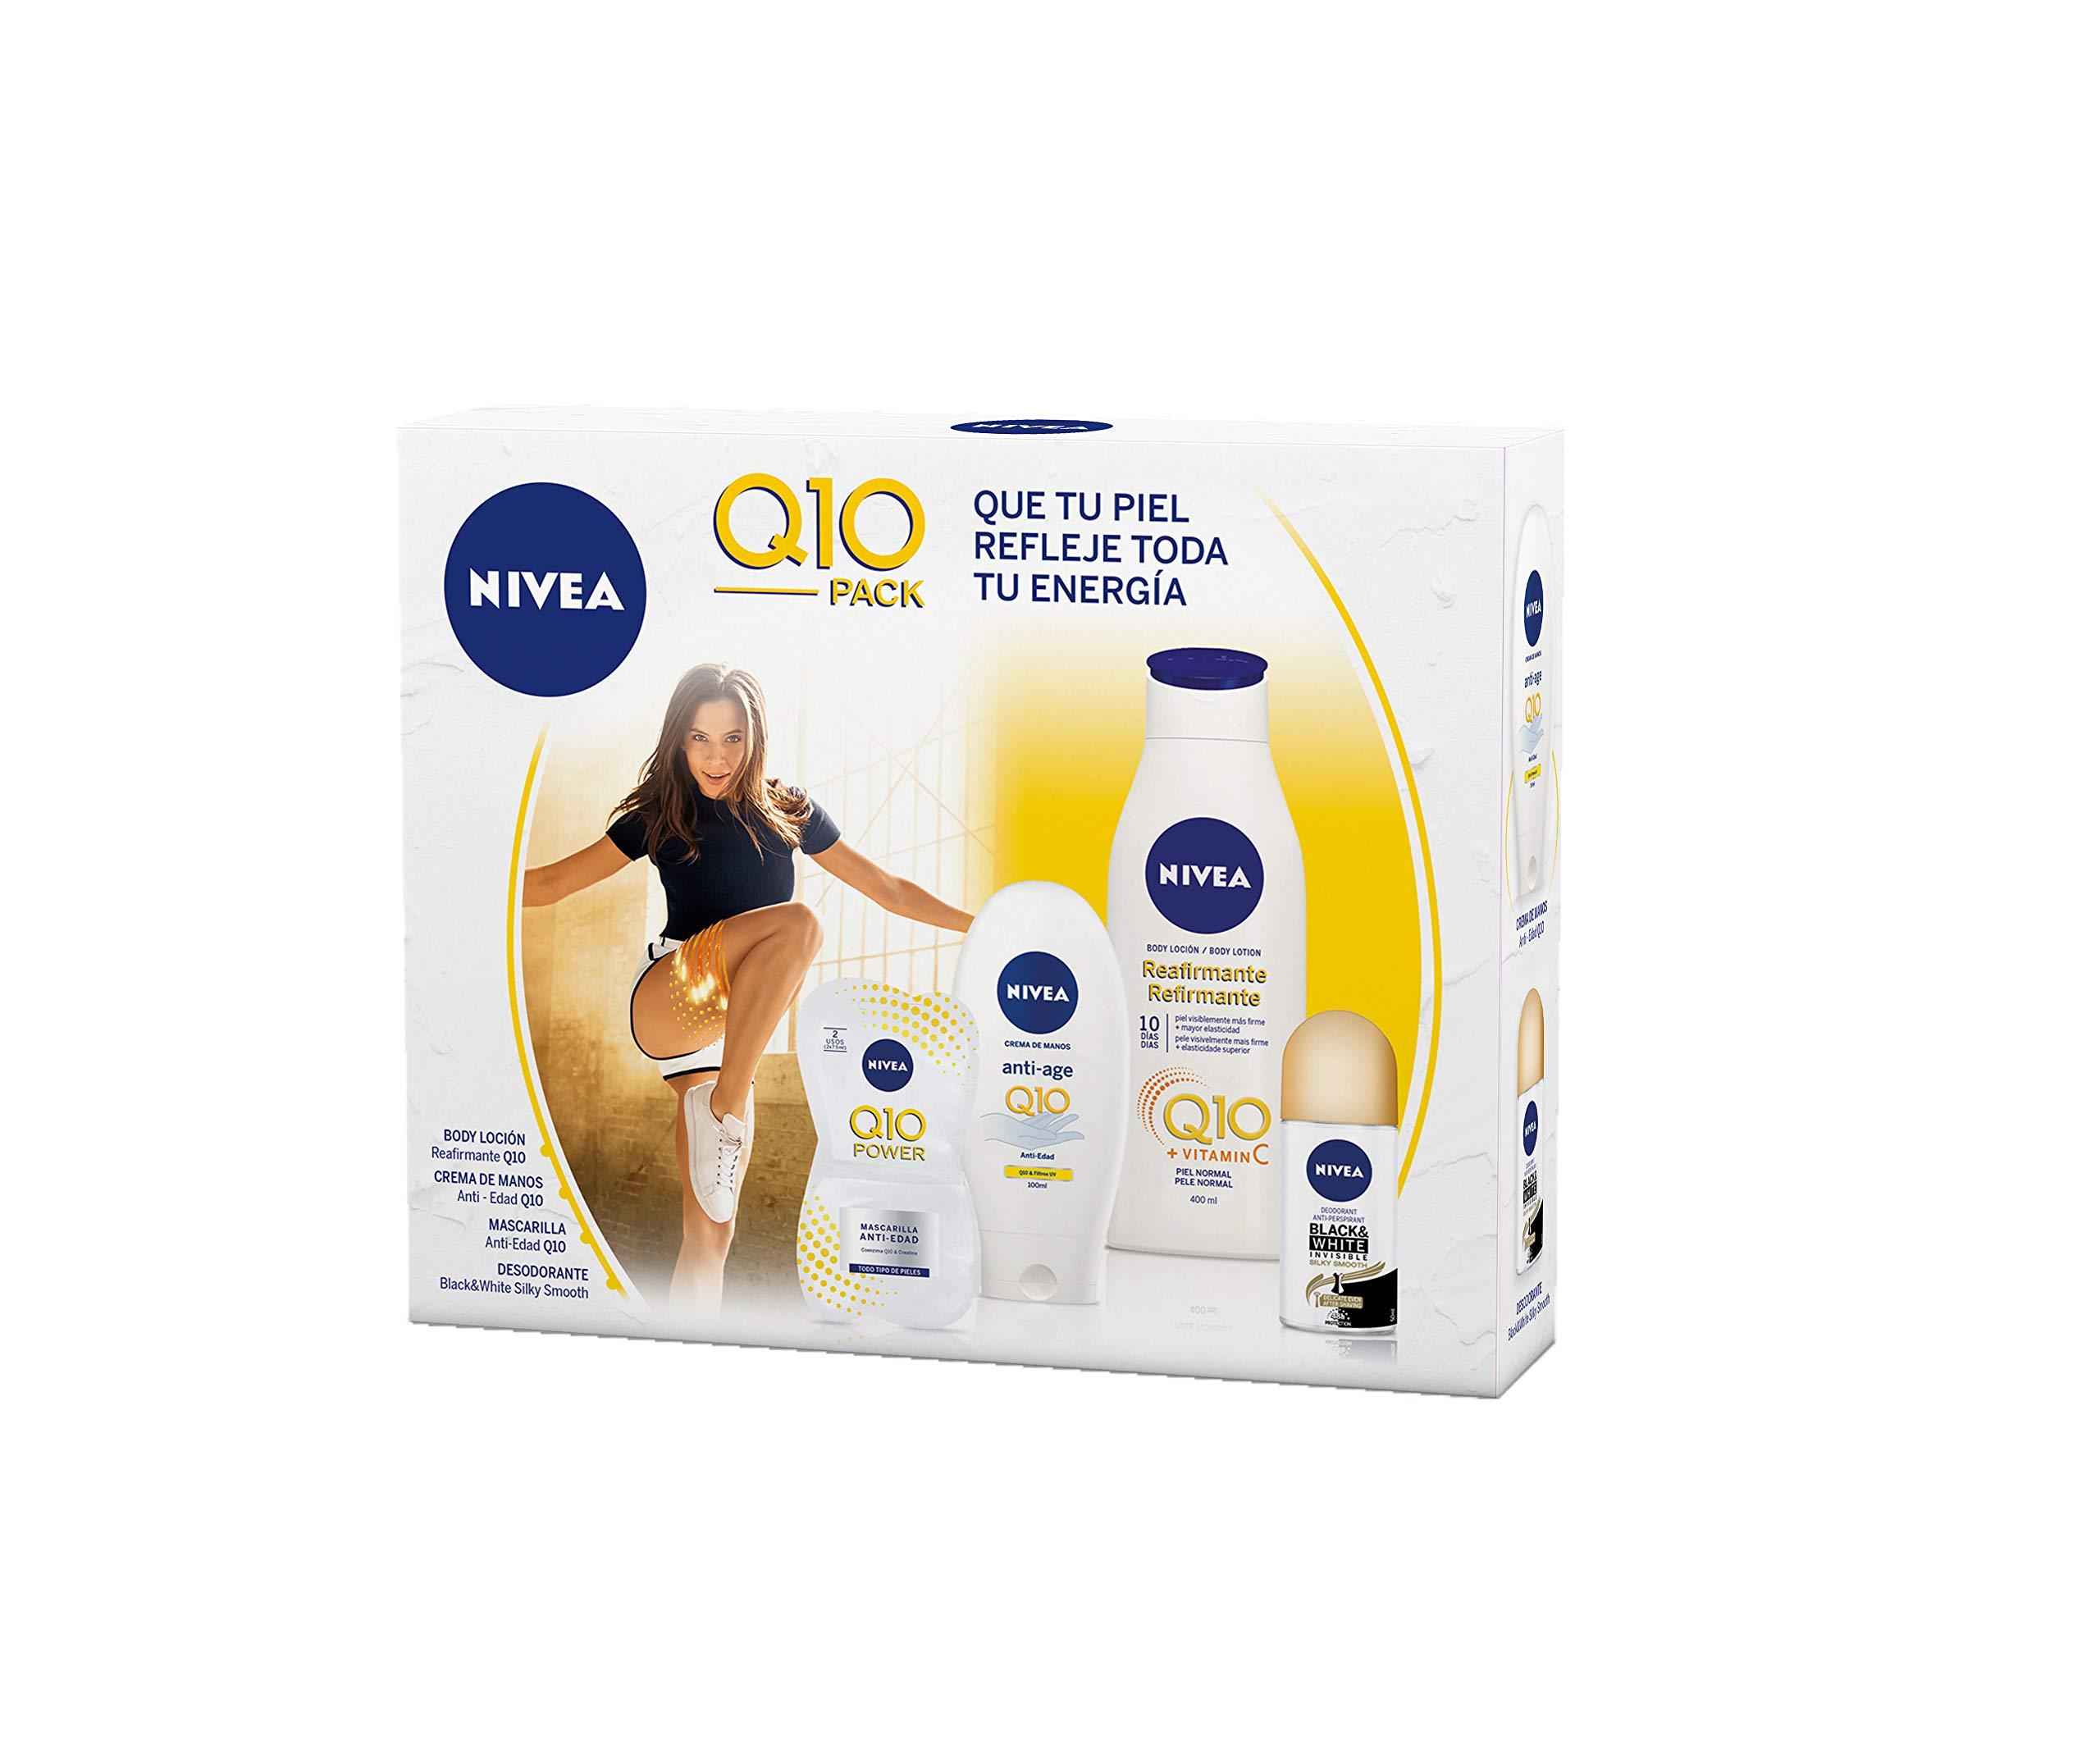 NIVEA Pack Body Q10 con loción reafirmante (1 x 400 ml), crema de manos (1 x 100 ml), desodorante roll on (1 x 50 ml) y mascarilla facial antiarrugas (1 x 15 ml)